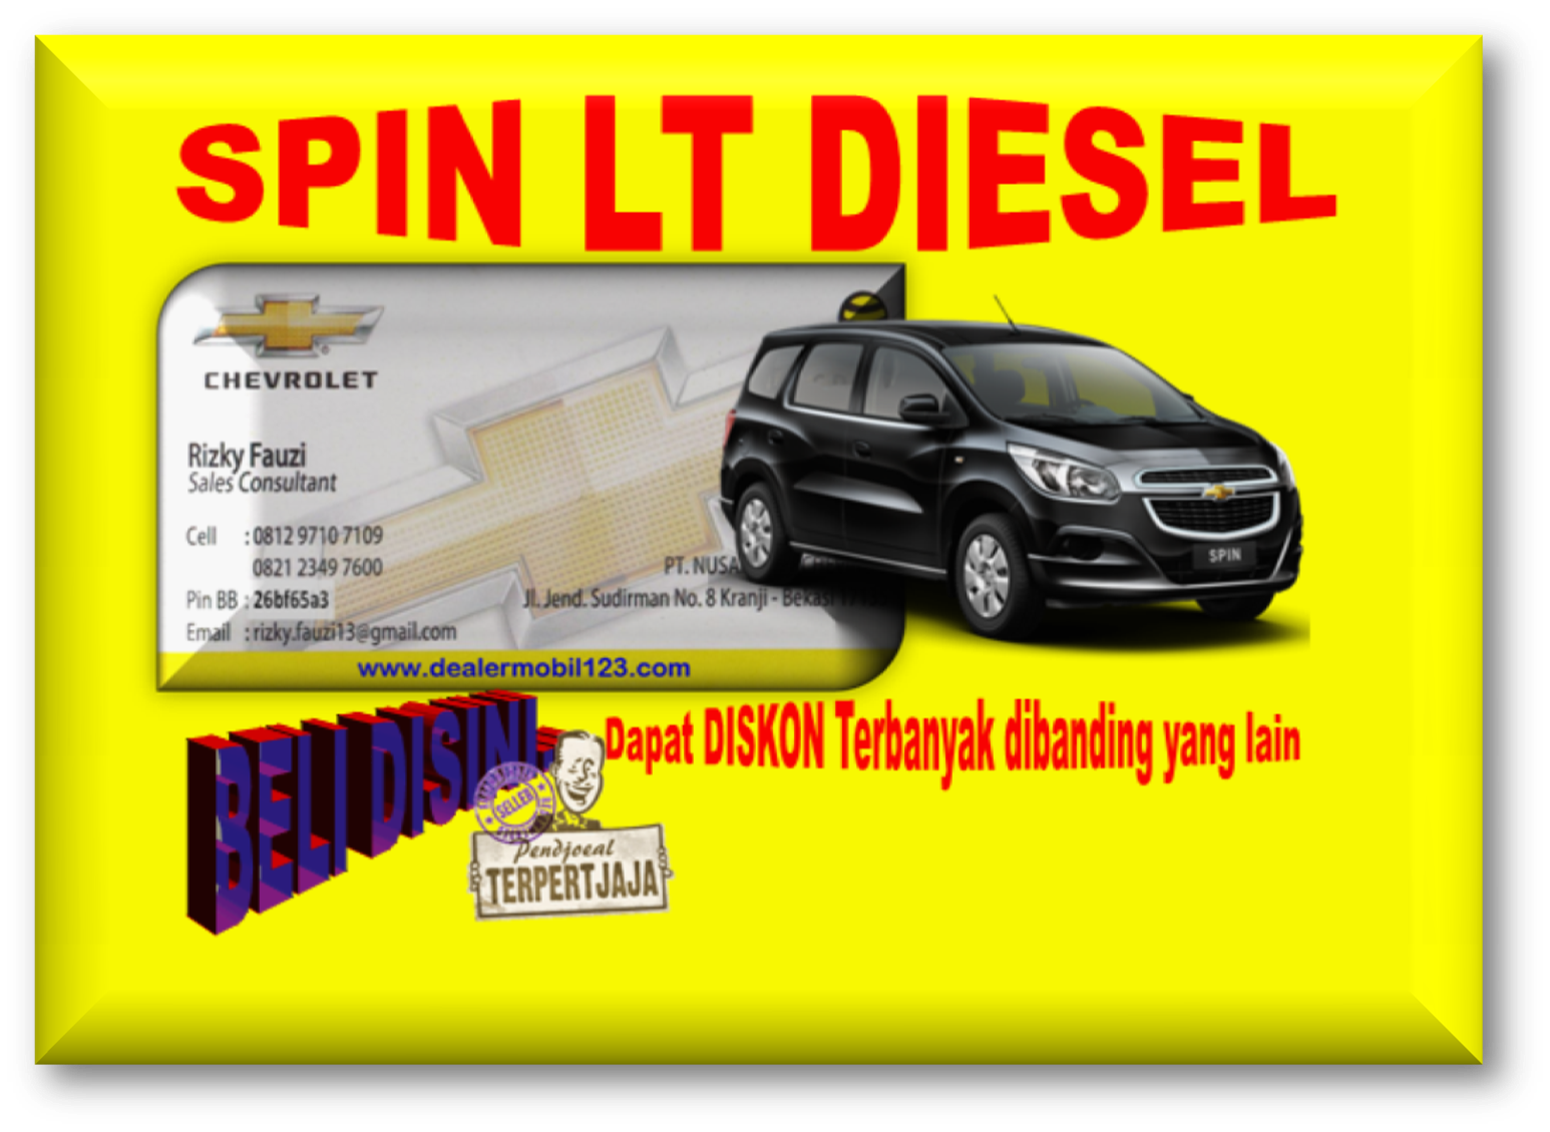 Spin LT Diesel Diskon Terbanyak 0812 9710 7109